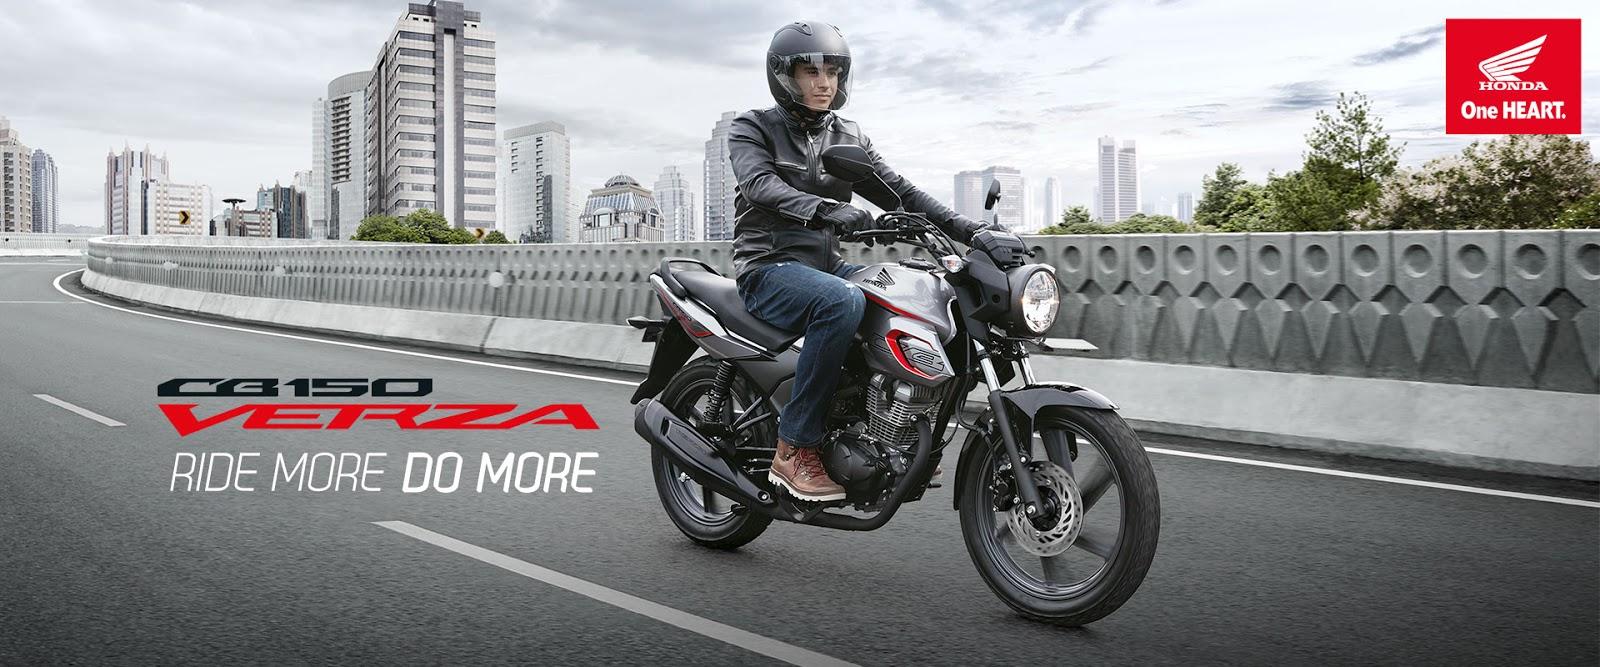 Deretan Motor Honda 150cc Spesifikasi Dan Harga Terbaru 2018 All New Cbr 150r Slick Black White Jakarta Harganya Dibanderol Rp19300000 Spoke Wheels Jari Rp19900000 Cast Racing Tersebut Untuk On The Road Otr